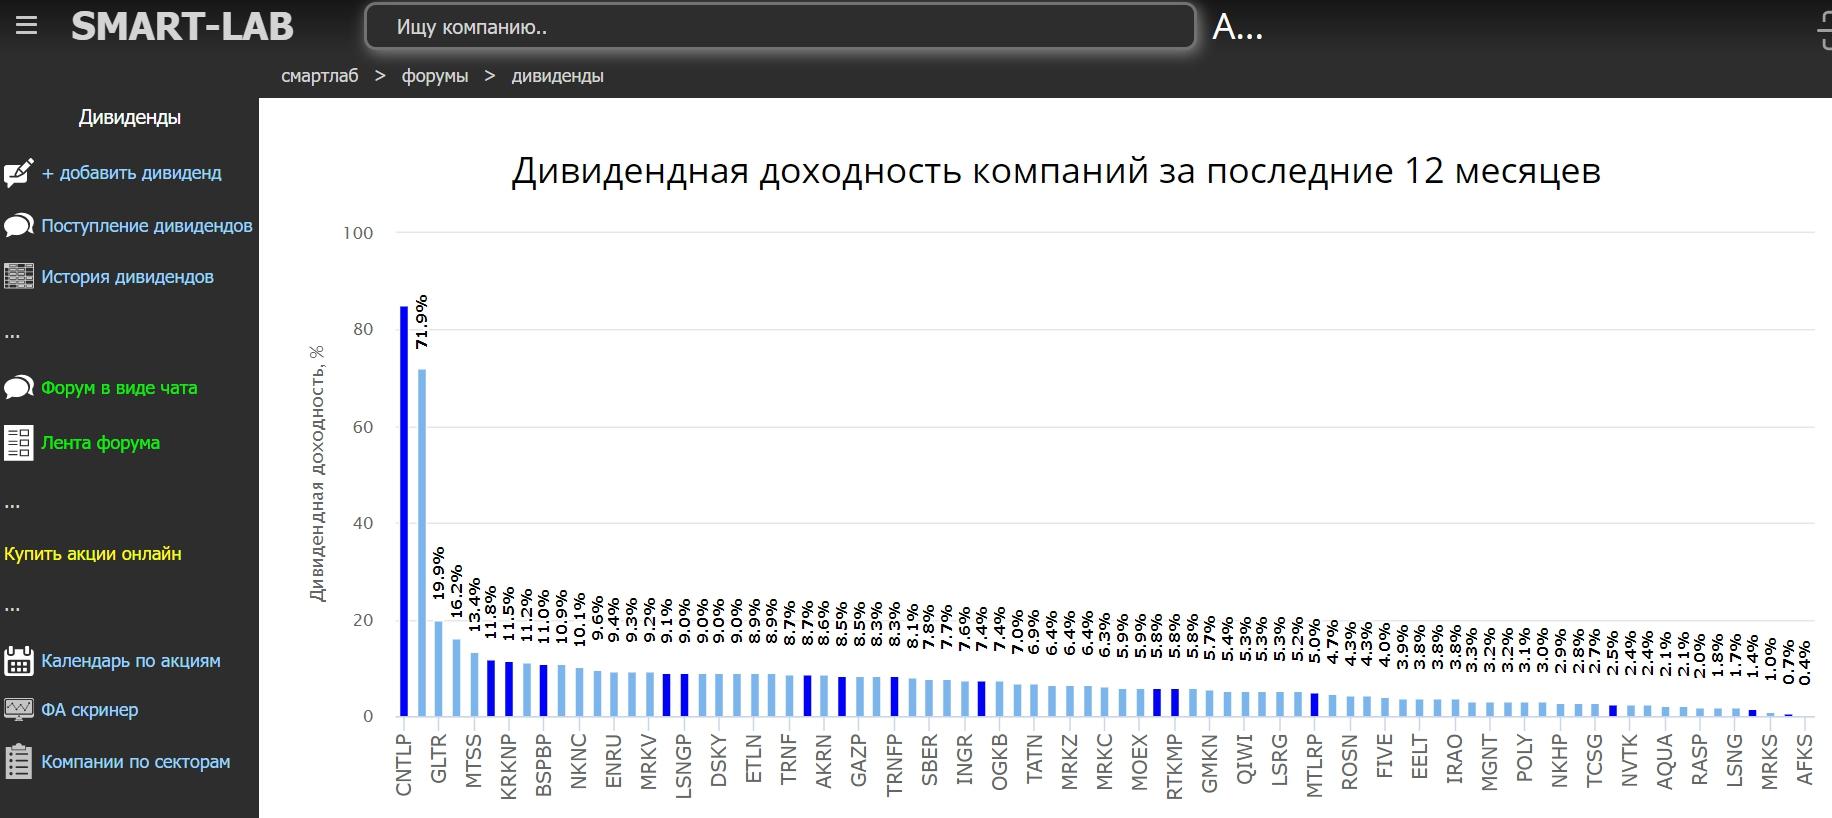 Smart-lab.ru анализ российских дивидендных компаний